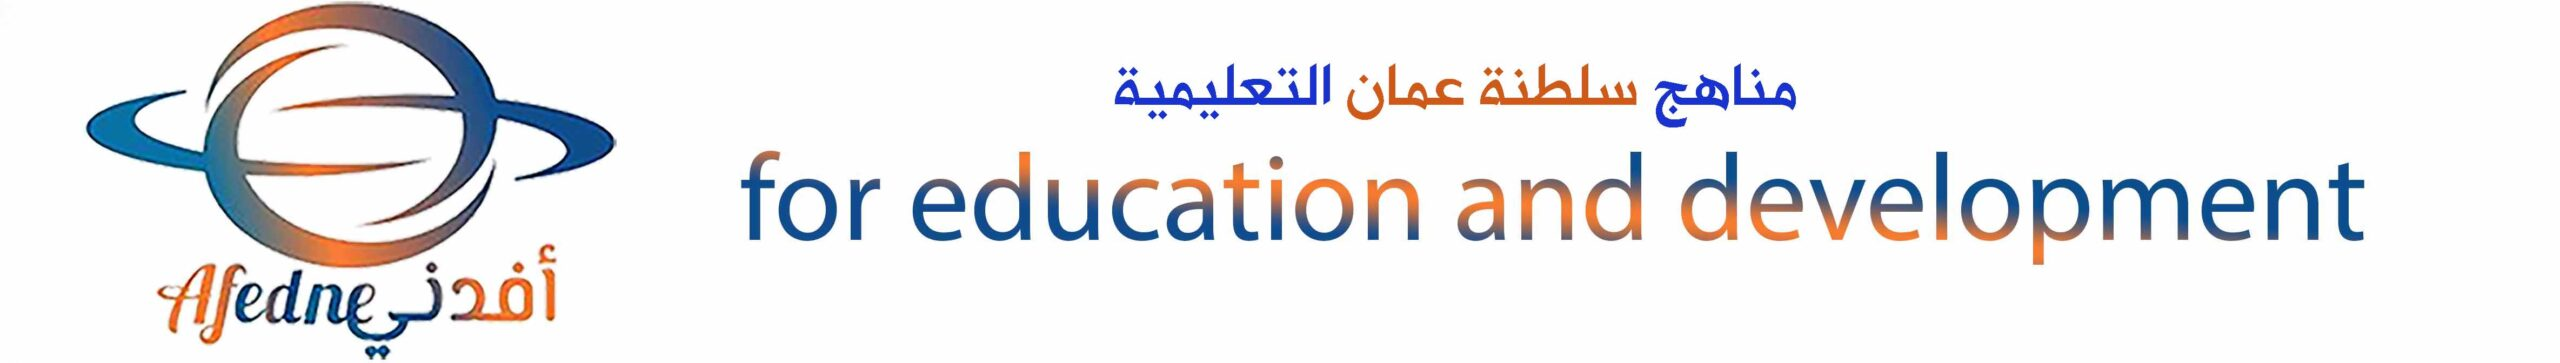 التعليم في سلطنة عمان